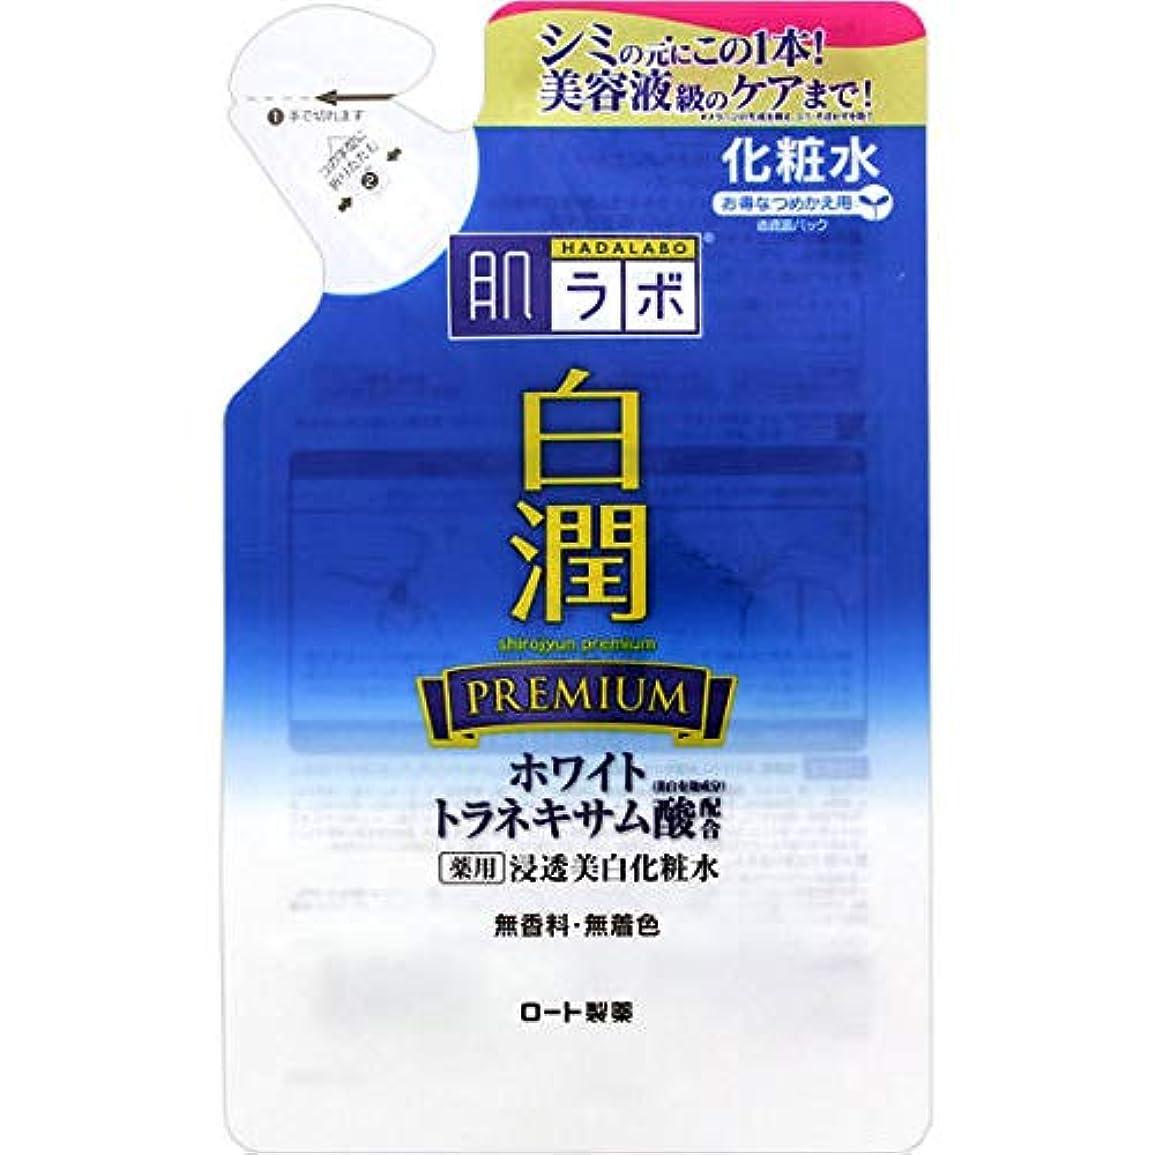 におい地区単位(ロート製薬)肌研 白潤 プレミアム薬用浸透美白化粧水 つめかえ用 170ml(医薬部外品)(お買い得3個セット)